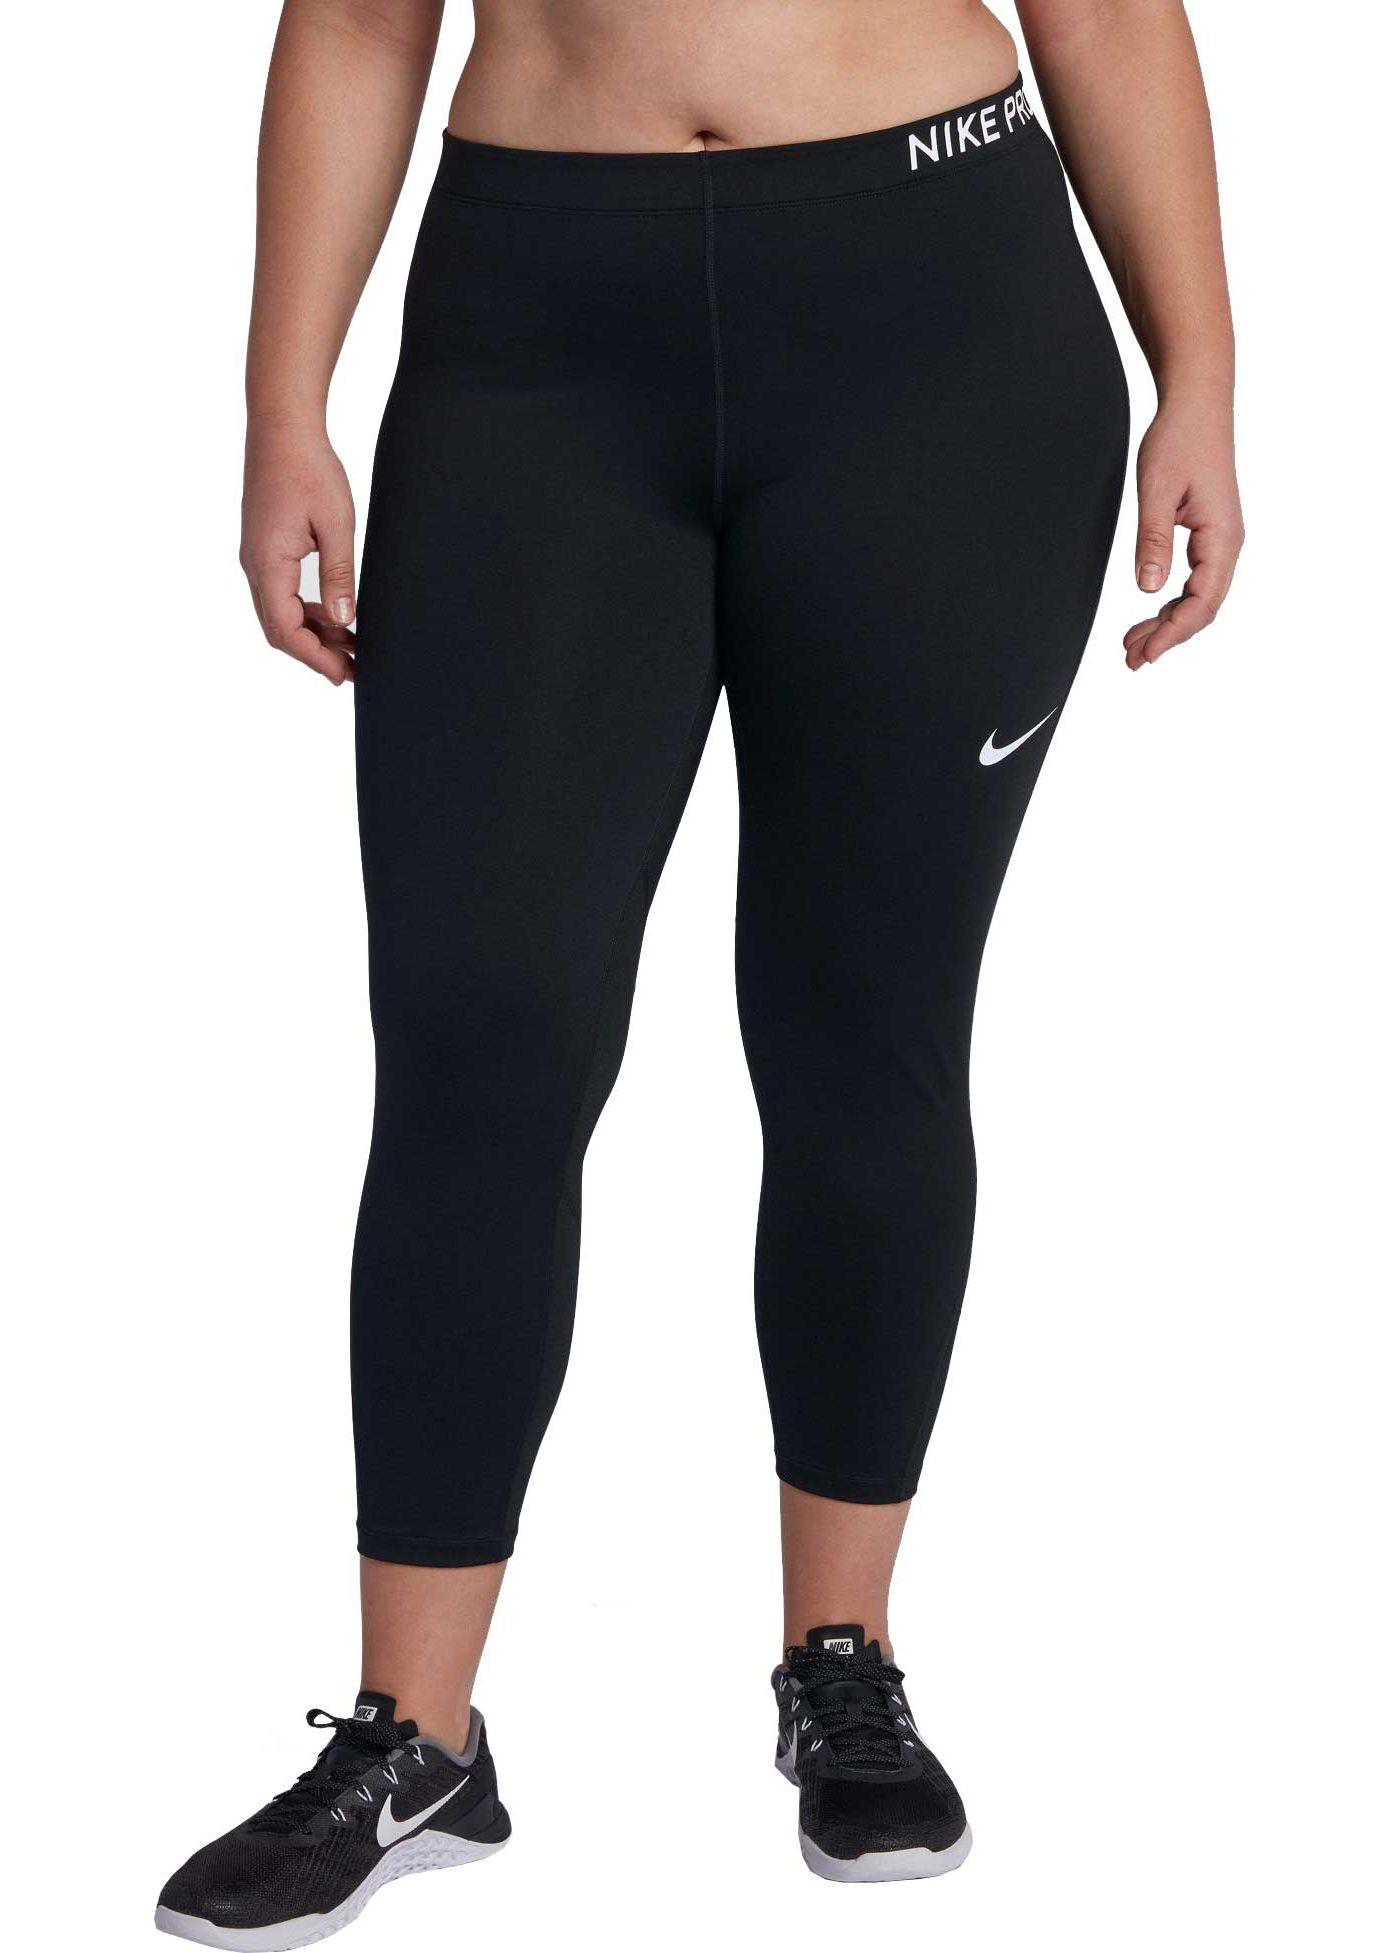 Nike Women's Plus Size Pro Training Capris